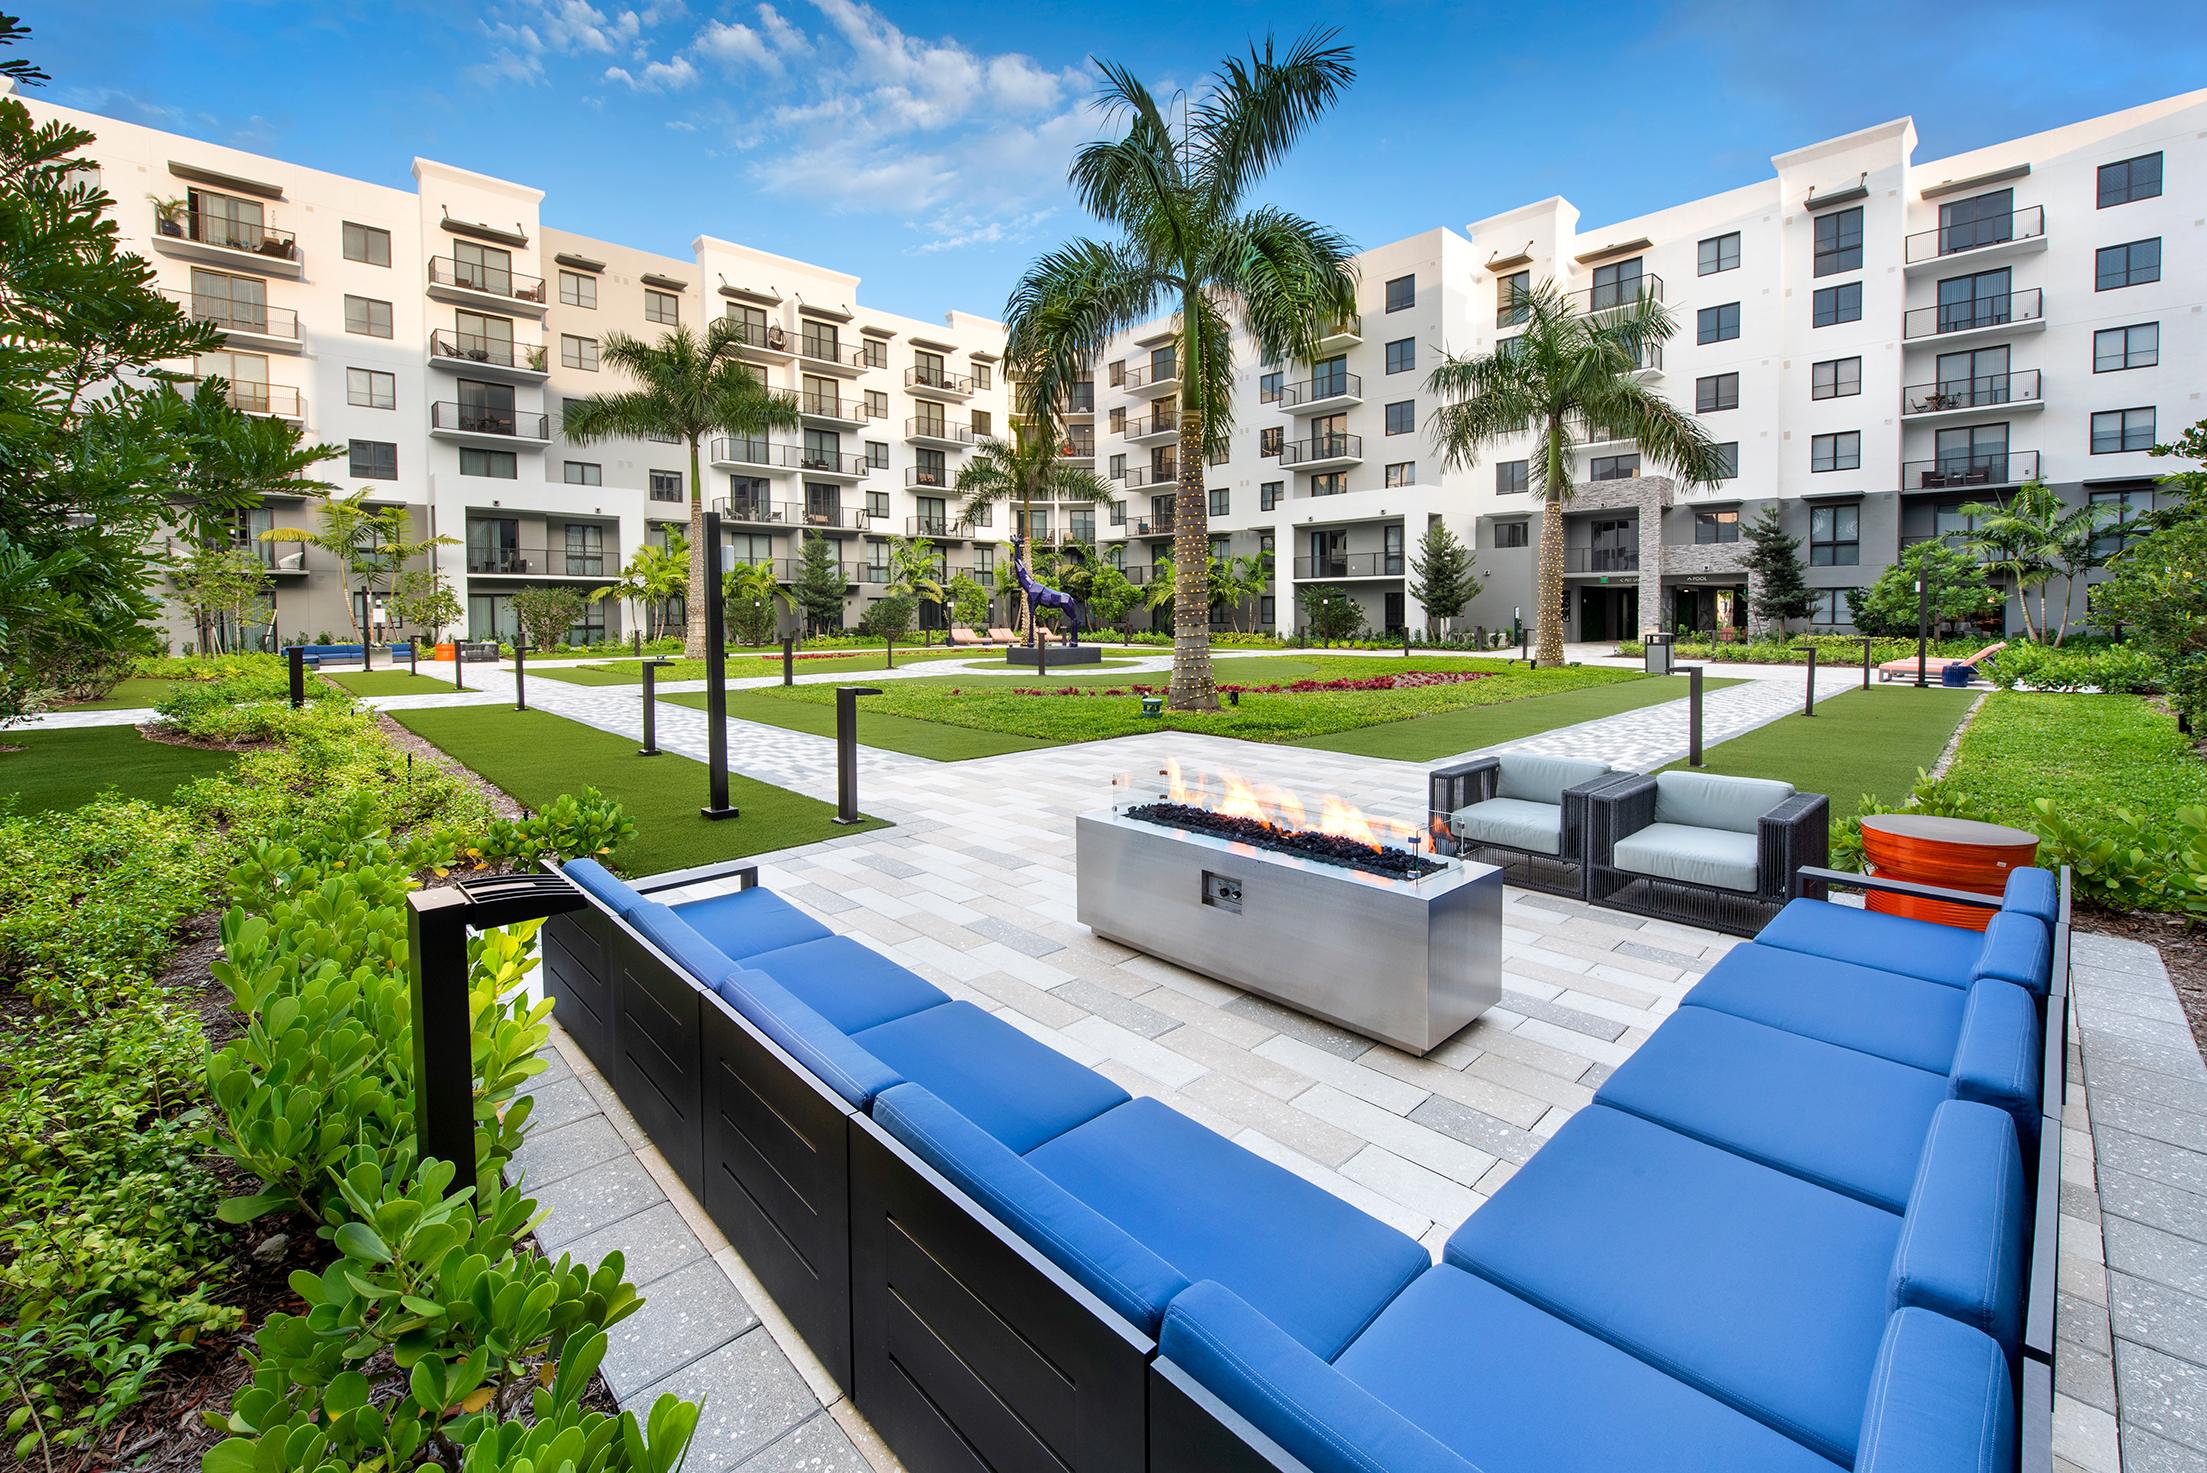 Factores clave para buscar apartamentos de renta en Doral